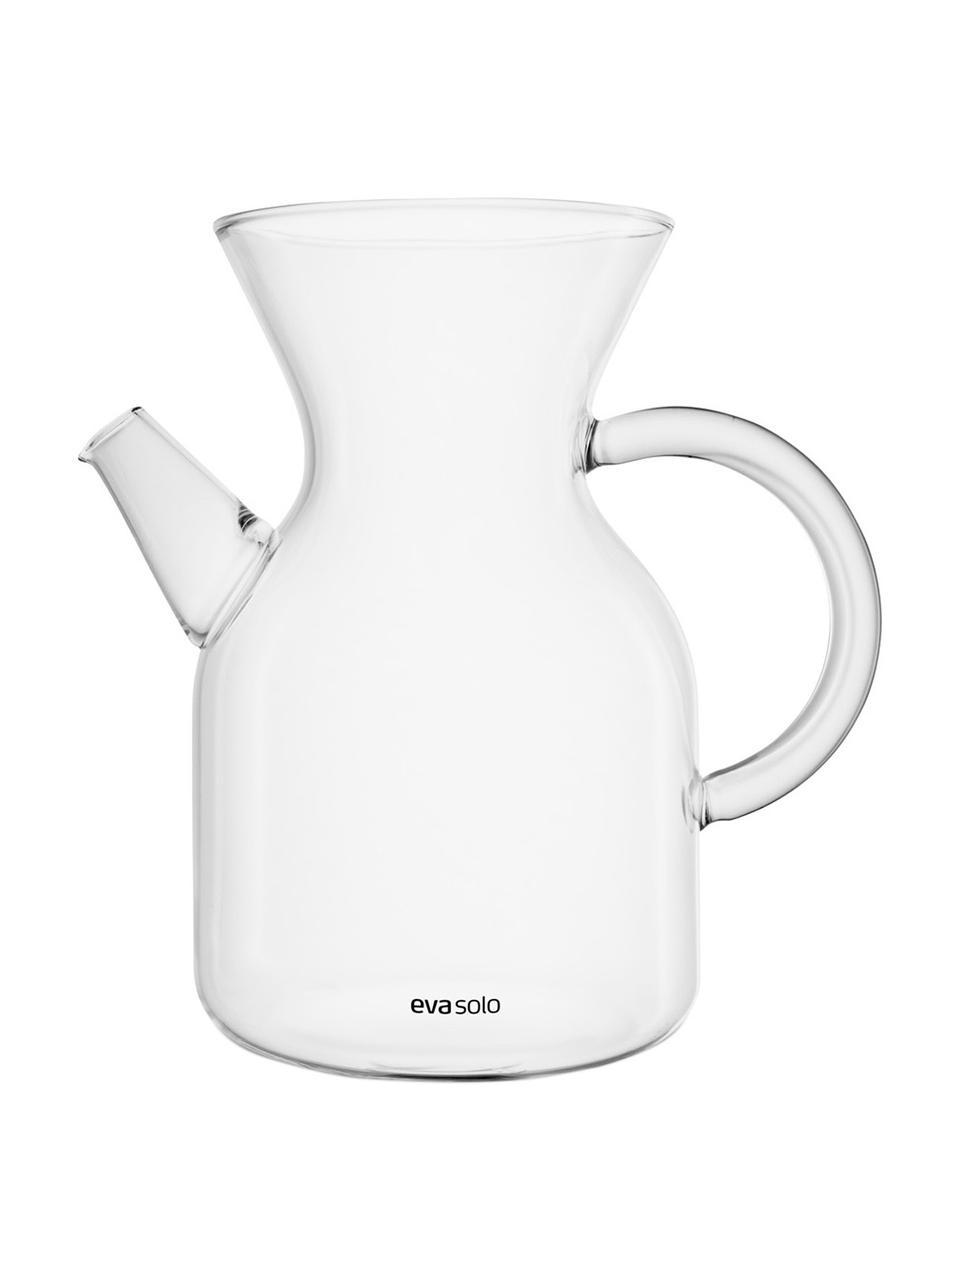 Cafetière Vetro van glas met filter en deksel, Cafetière: borosilicaatglas, Deksel: kurk, Transparant, edelstaalkleurig, 1 L